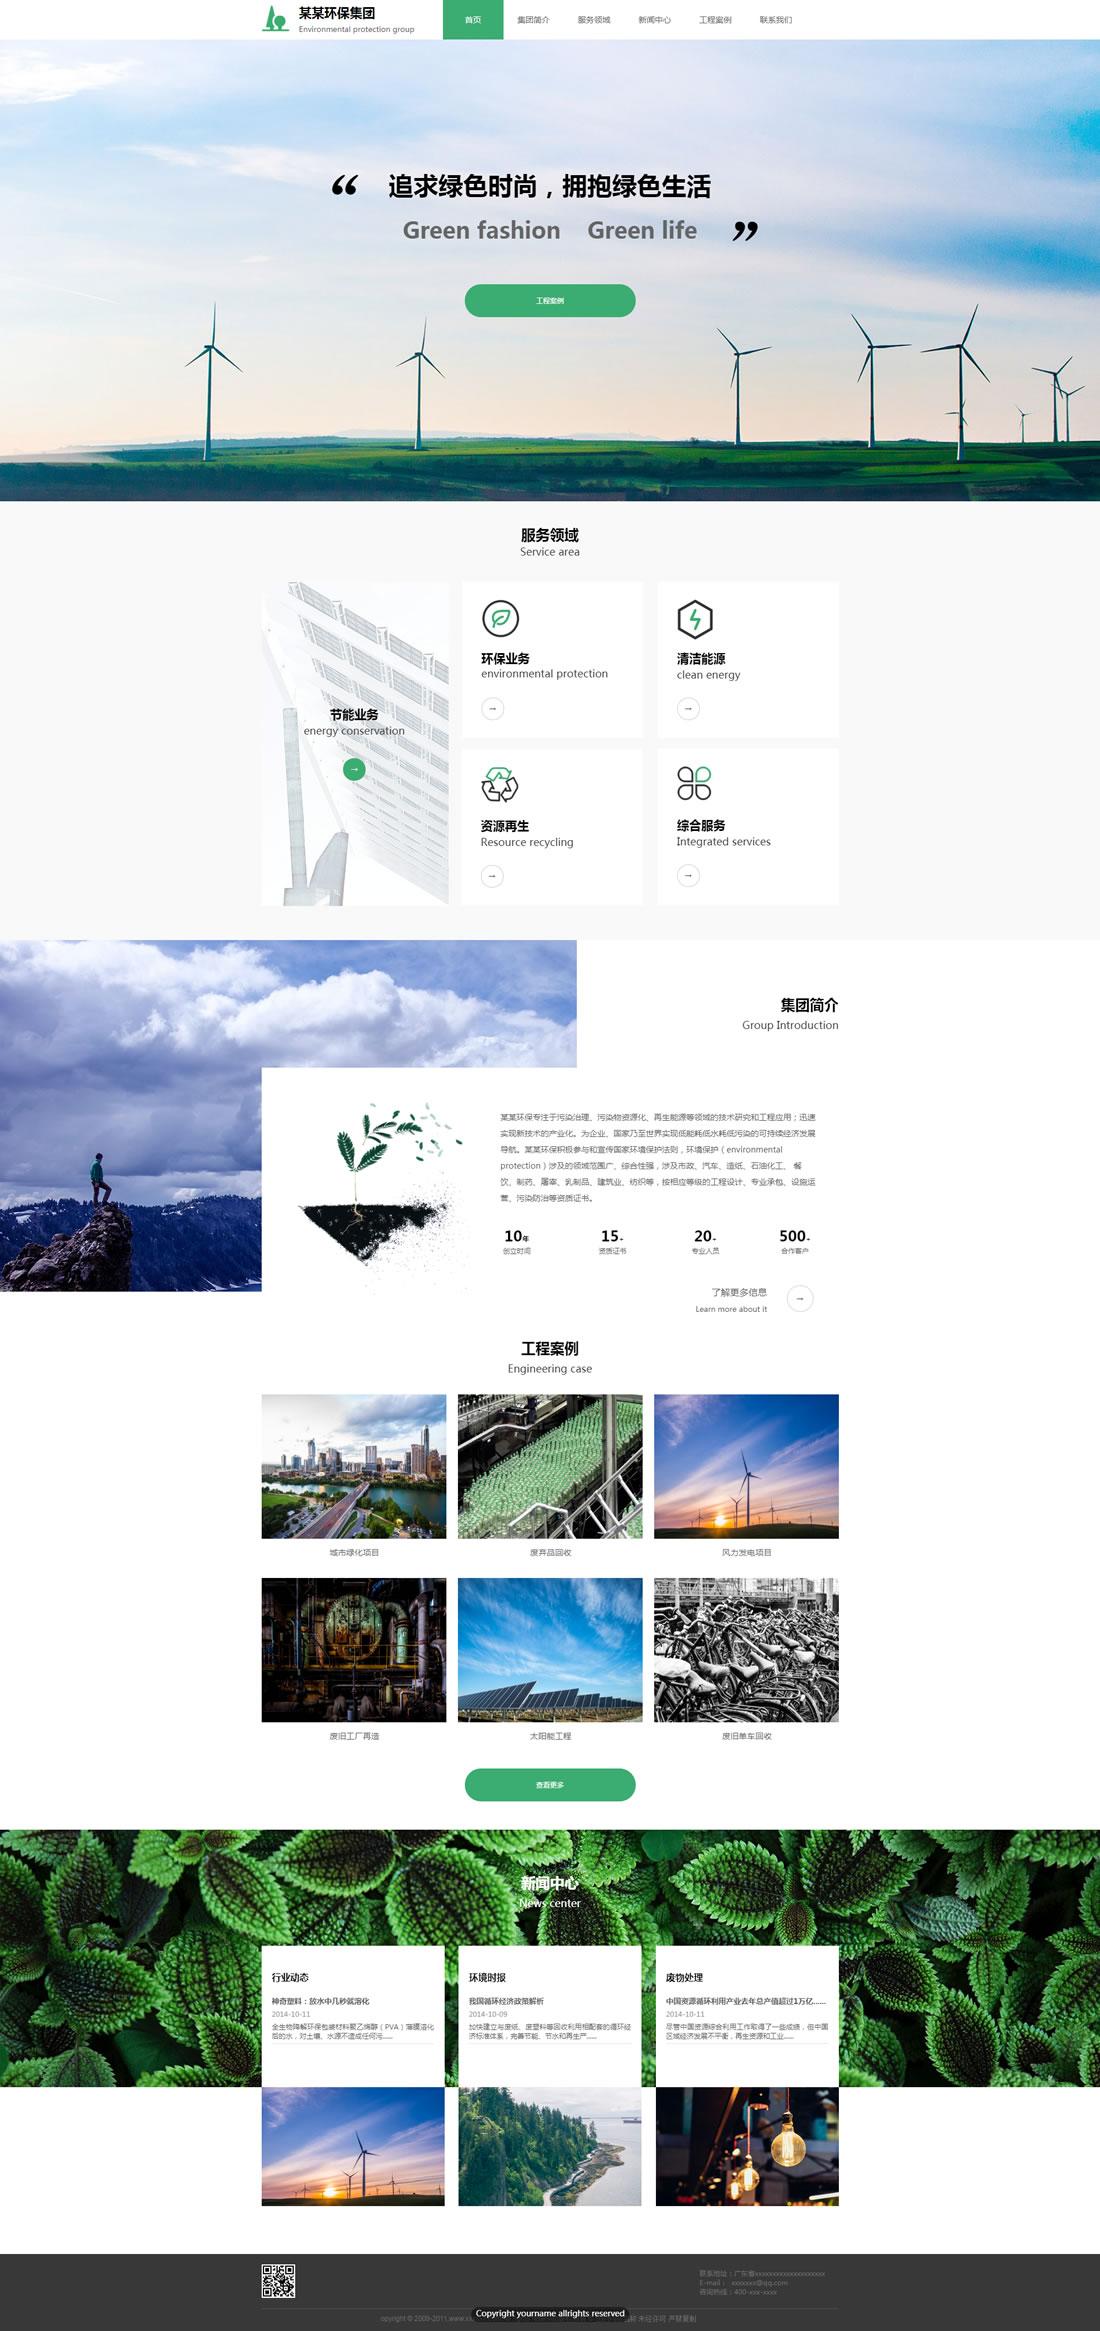 莞城攀枝花天源污水处理有限公司案例|环保|东莞网站建设方案